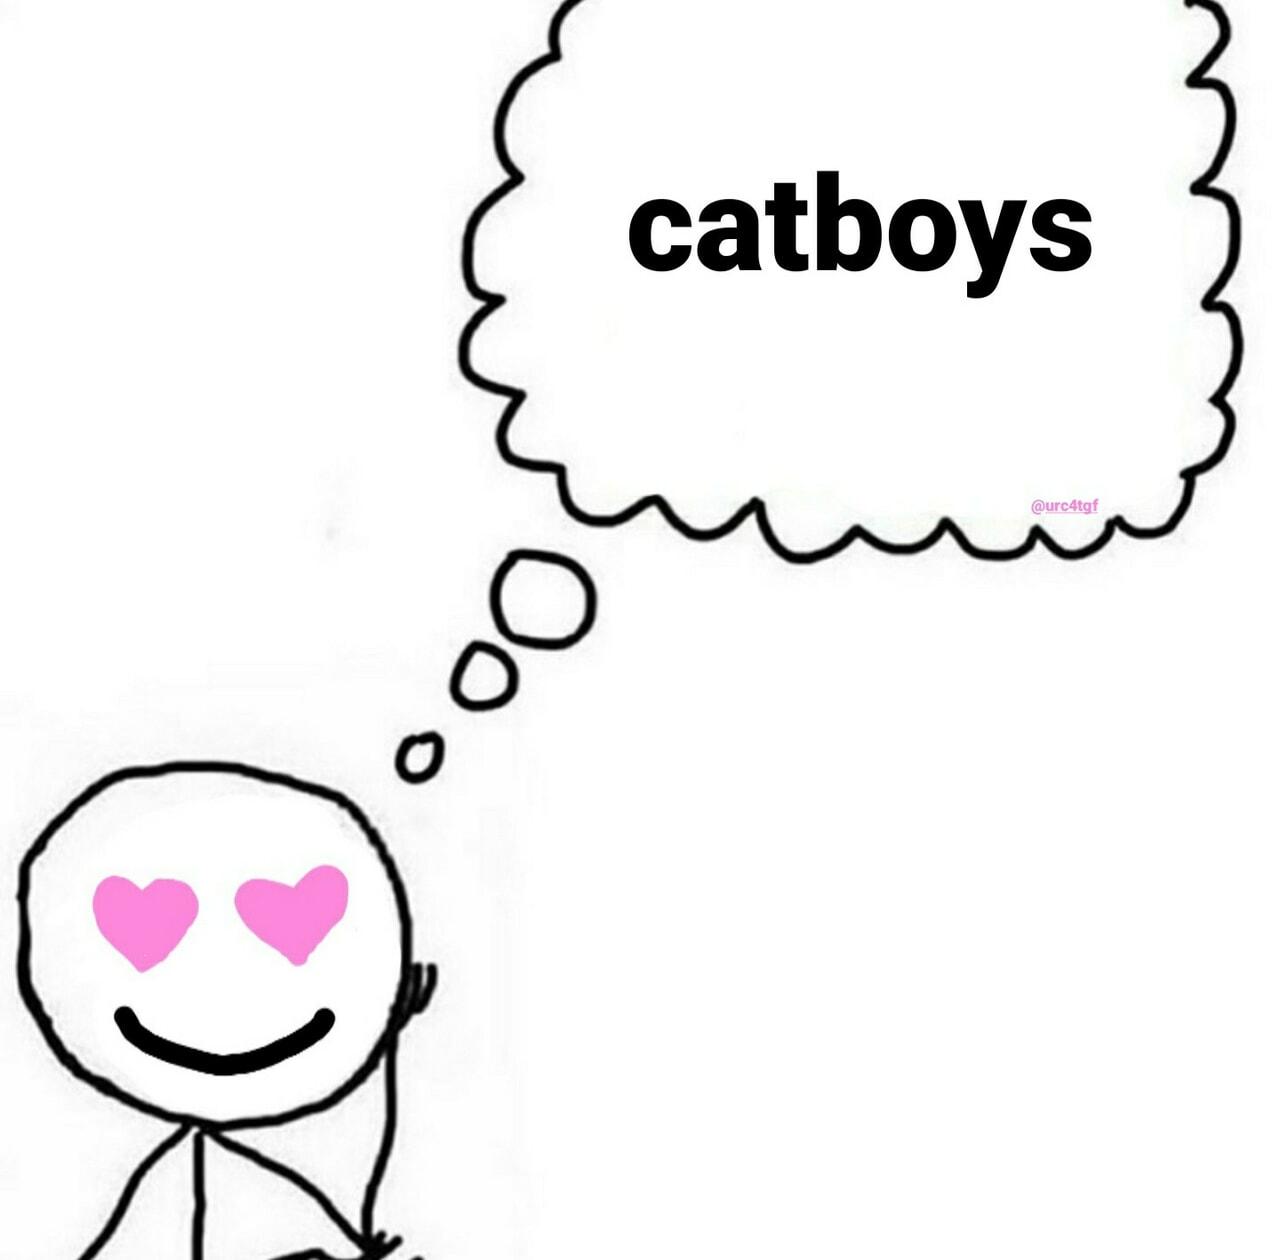 meme and catboy image